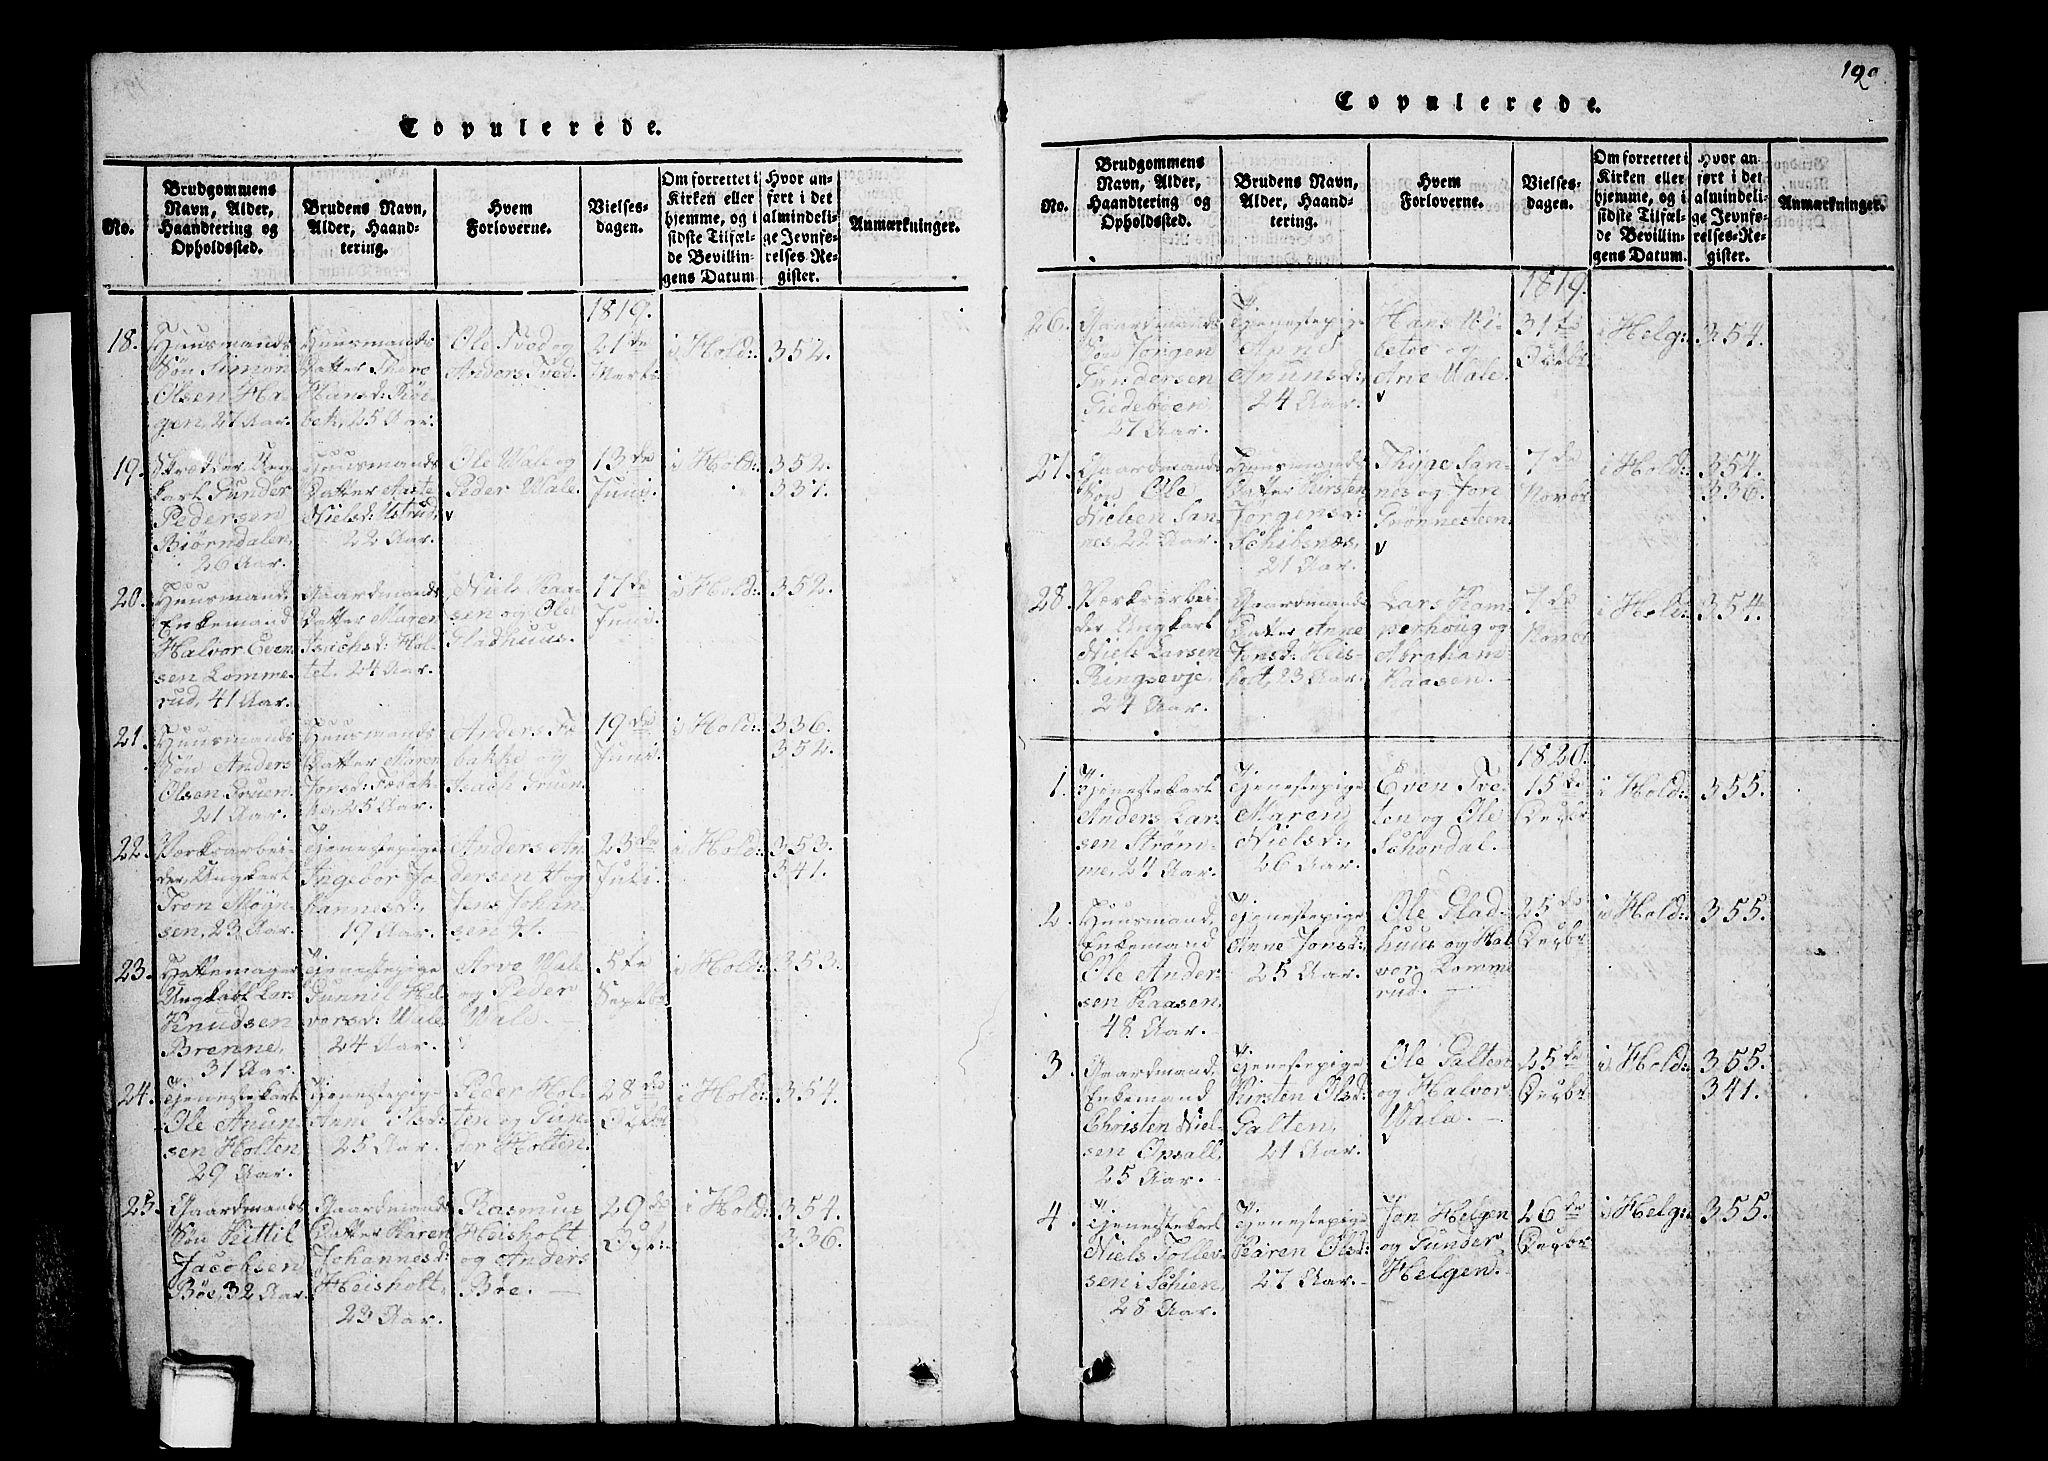 SAKO, Holla kirkebøker, G/Ga/L0001: Klokkerbok nr. I 1, 1814-1830, s. 199